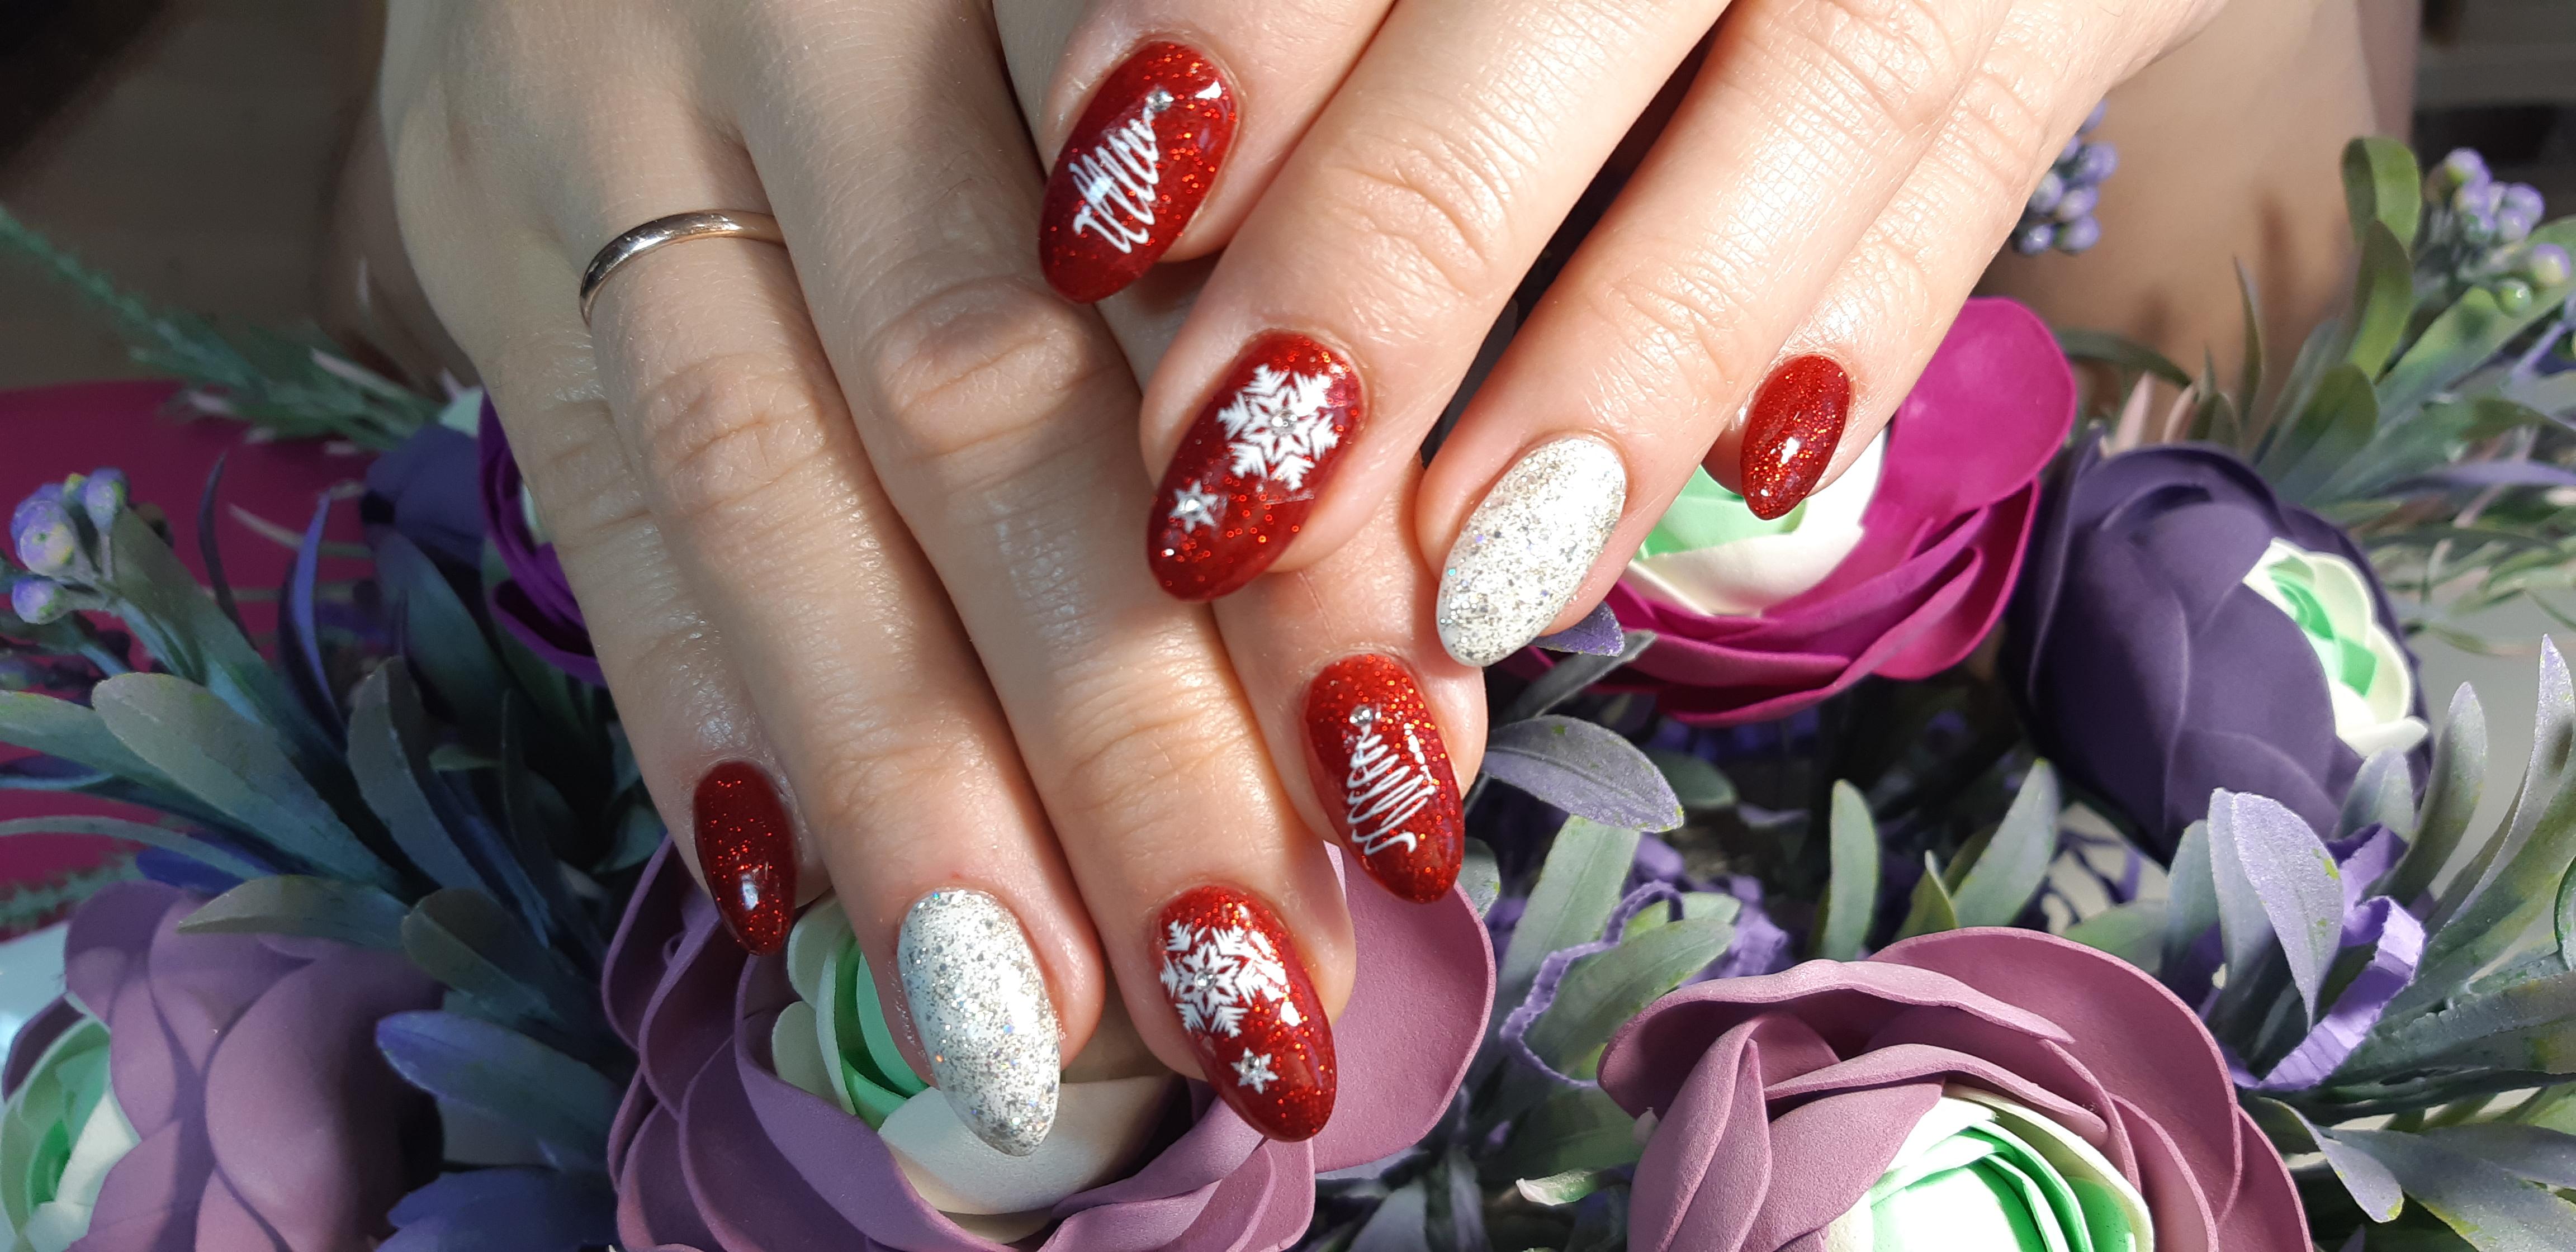 Праздничный маникюр в красном цвете с блёстками, контрастным белым дизайном и новогодним стемпингом.